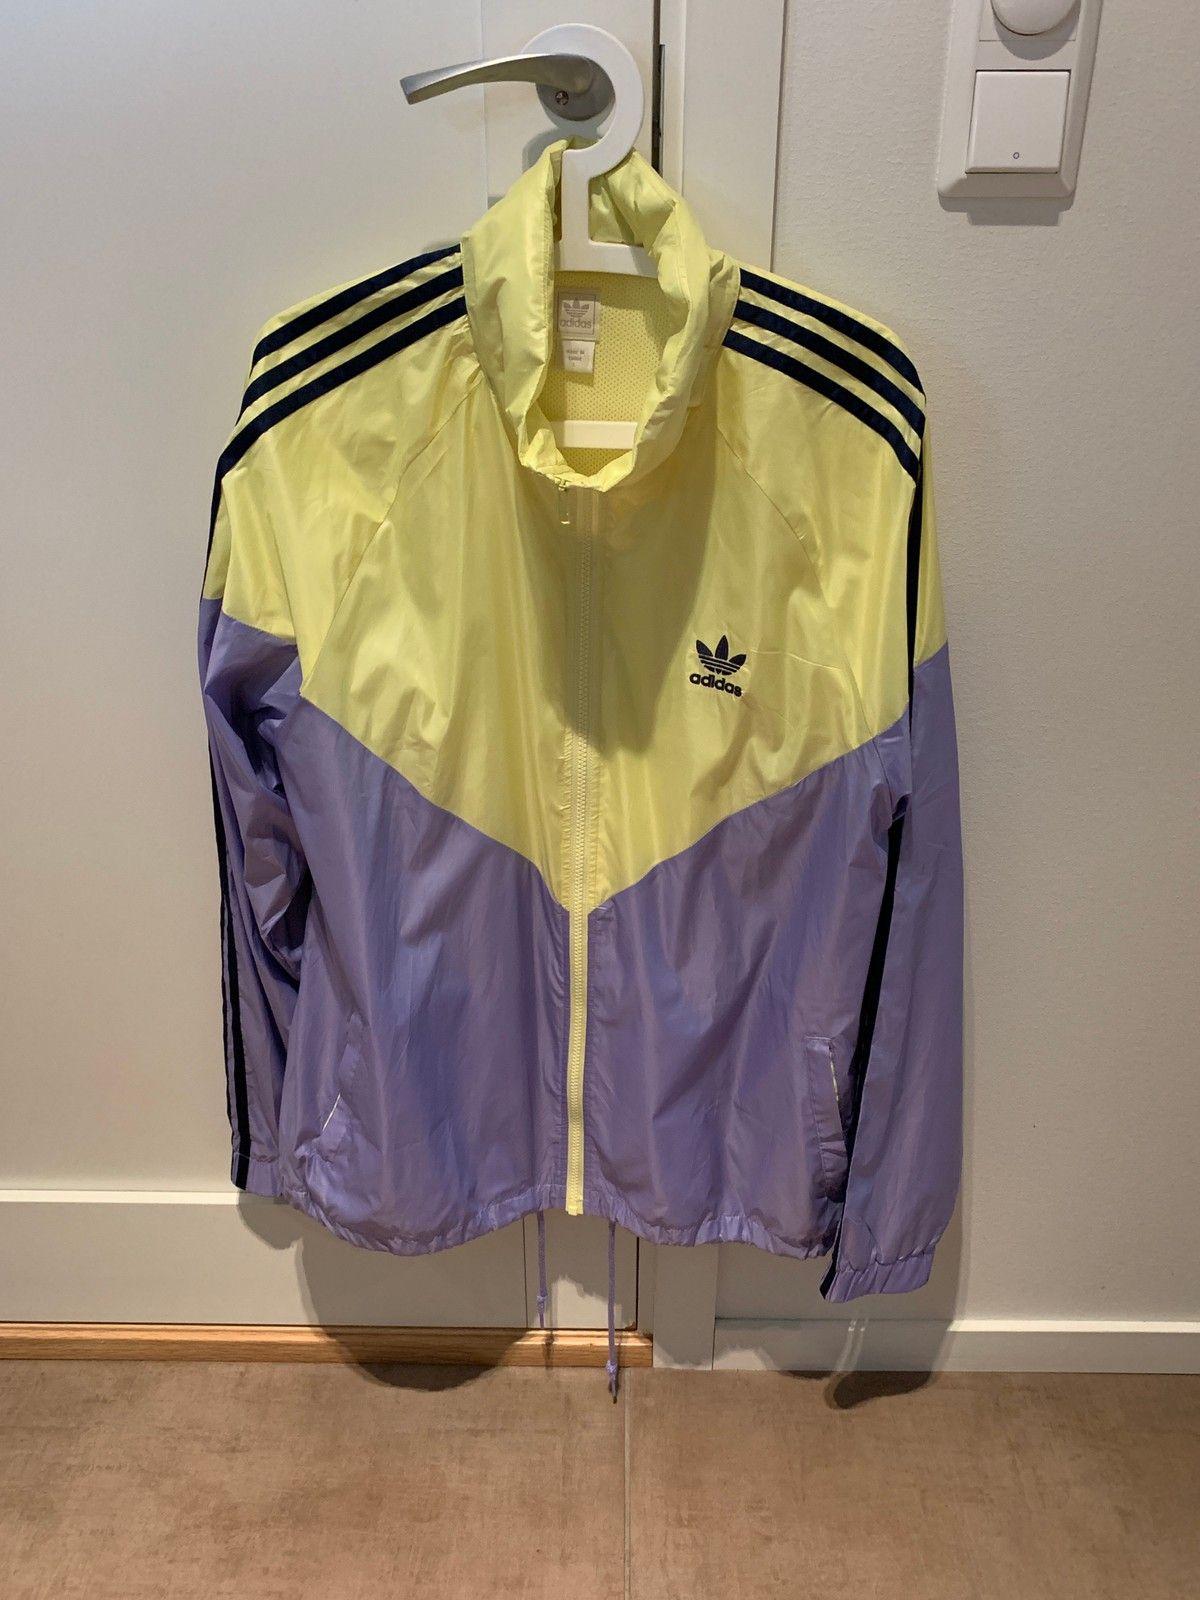 Ubrukt Adidas retro jakke   FINN.no